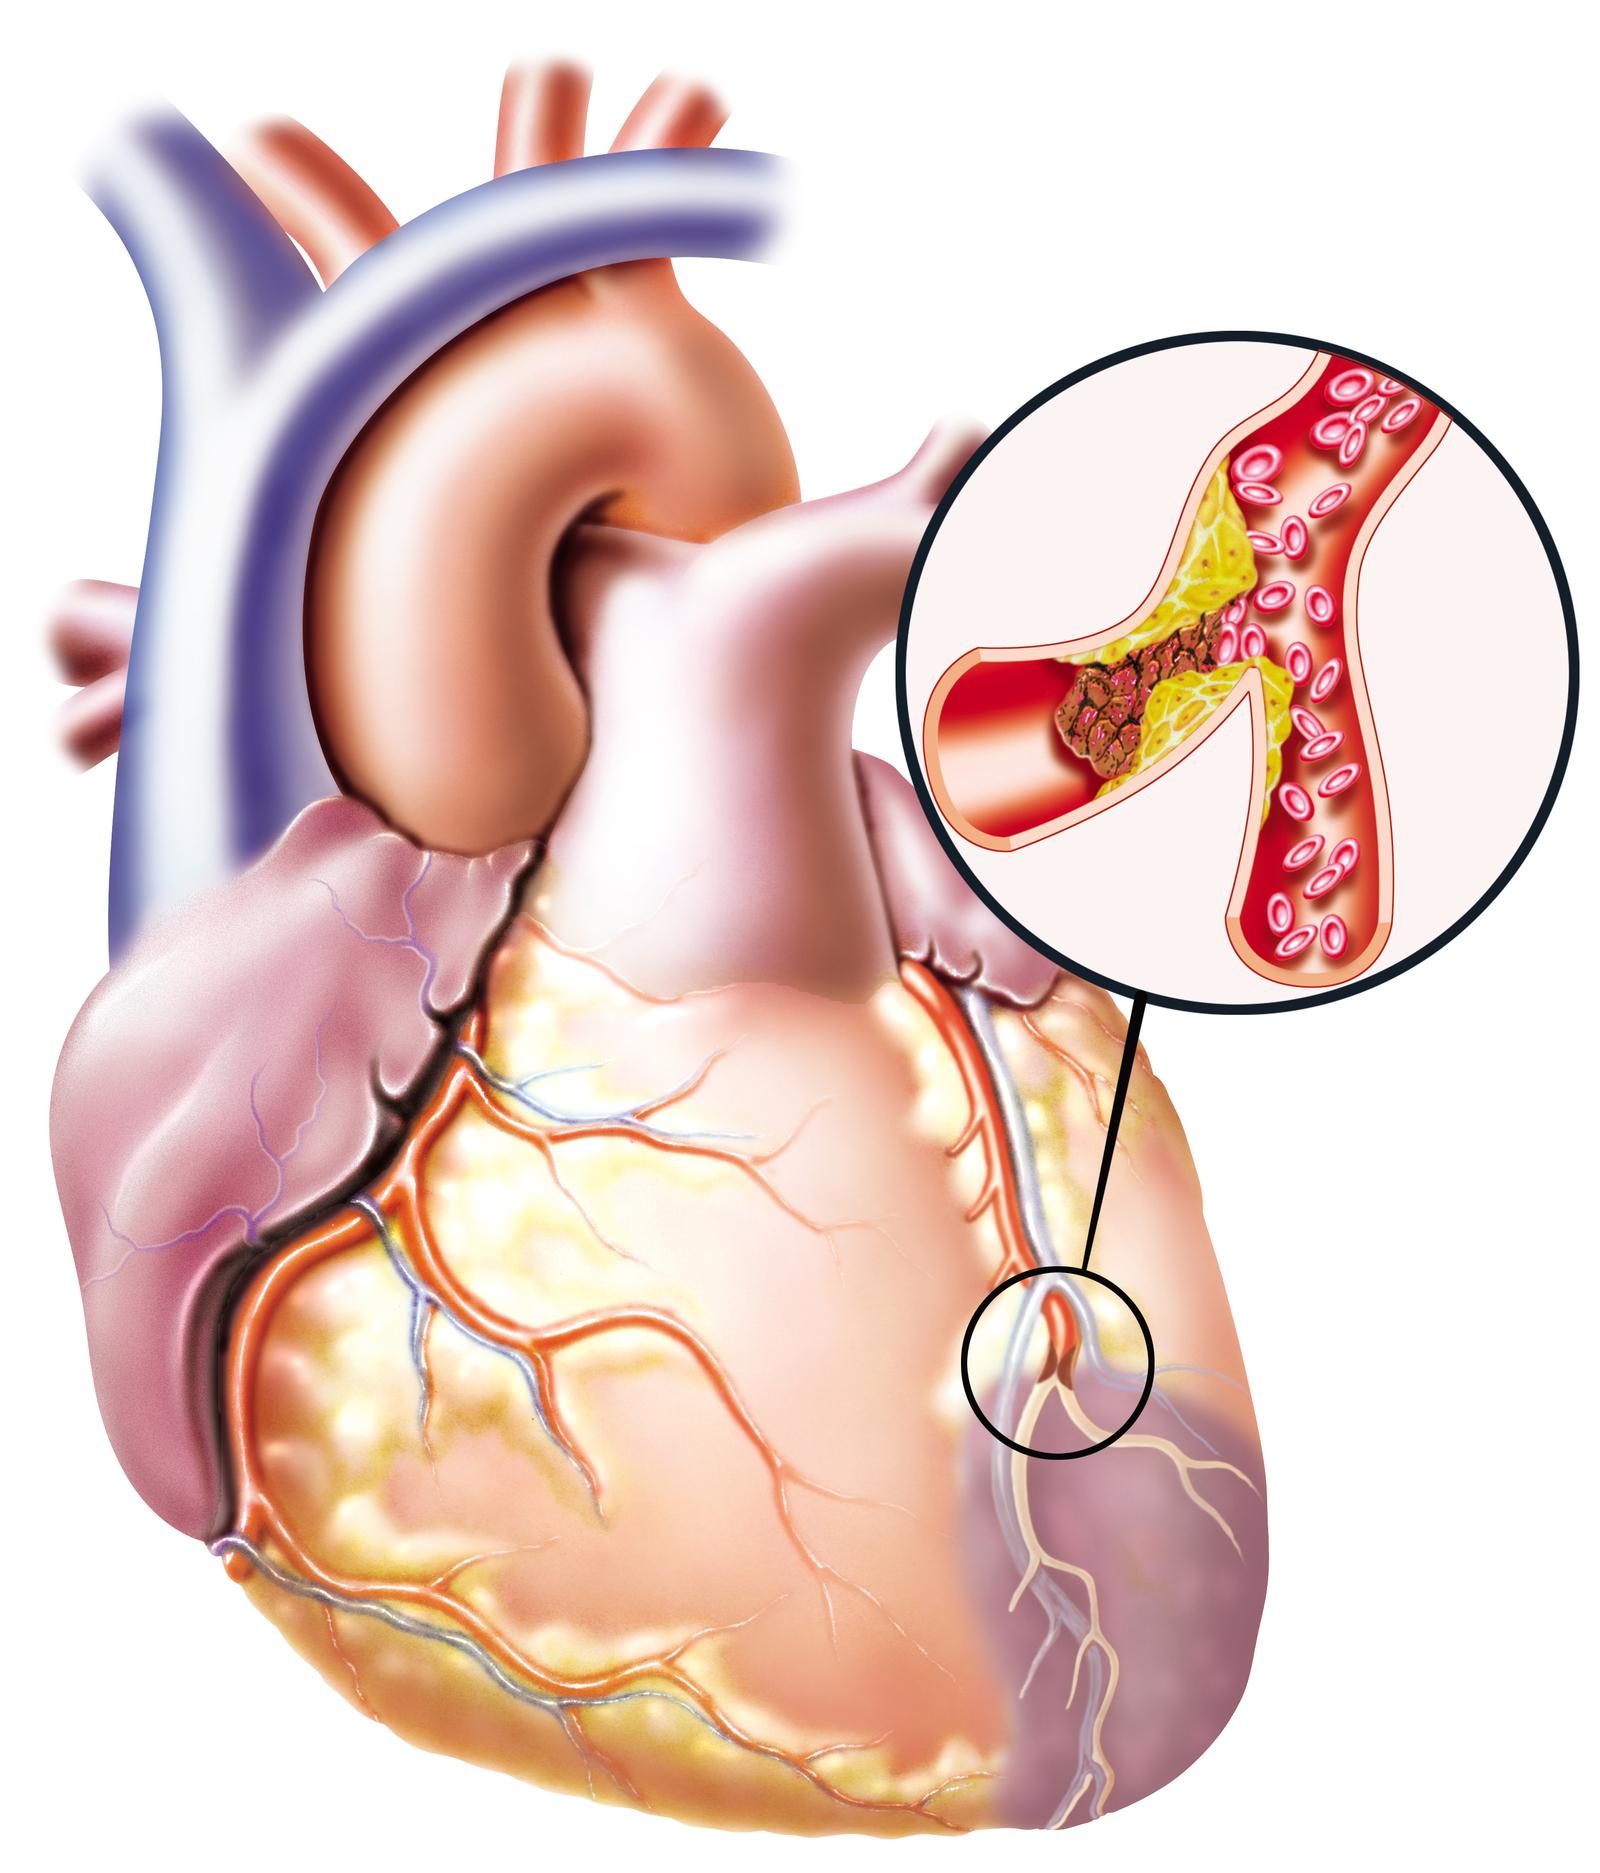 Опасность и лечение заболеваний на фоне атеросклероза сердца